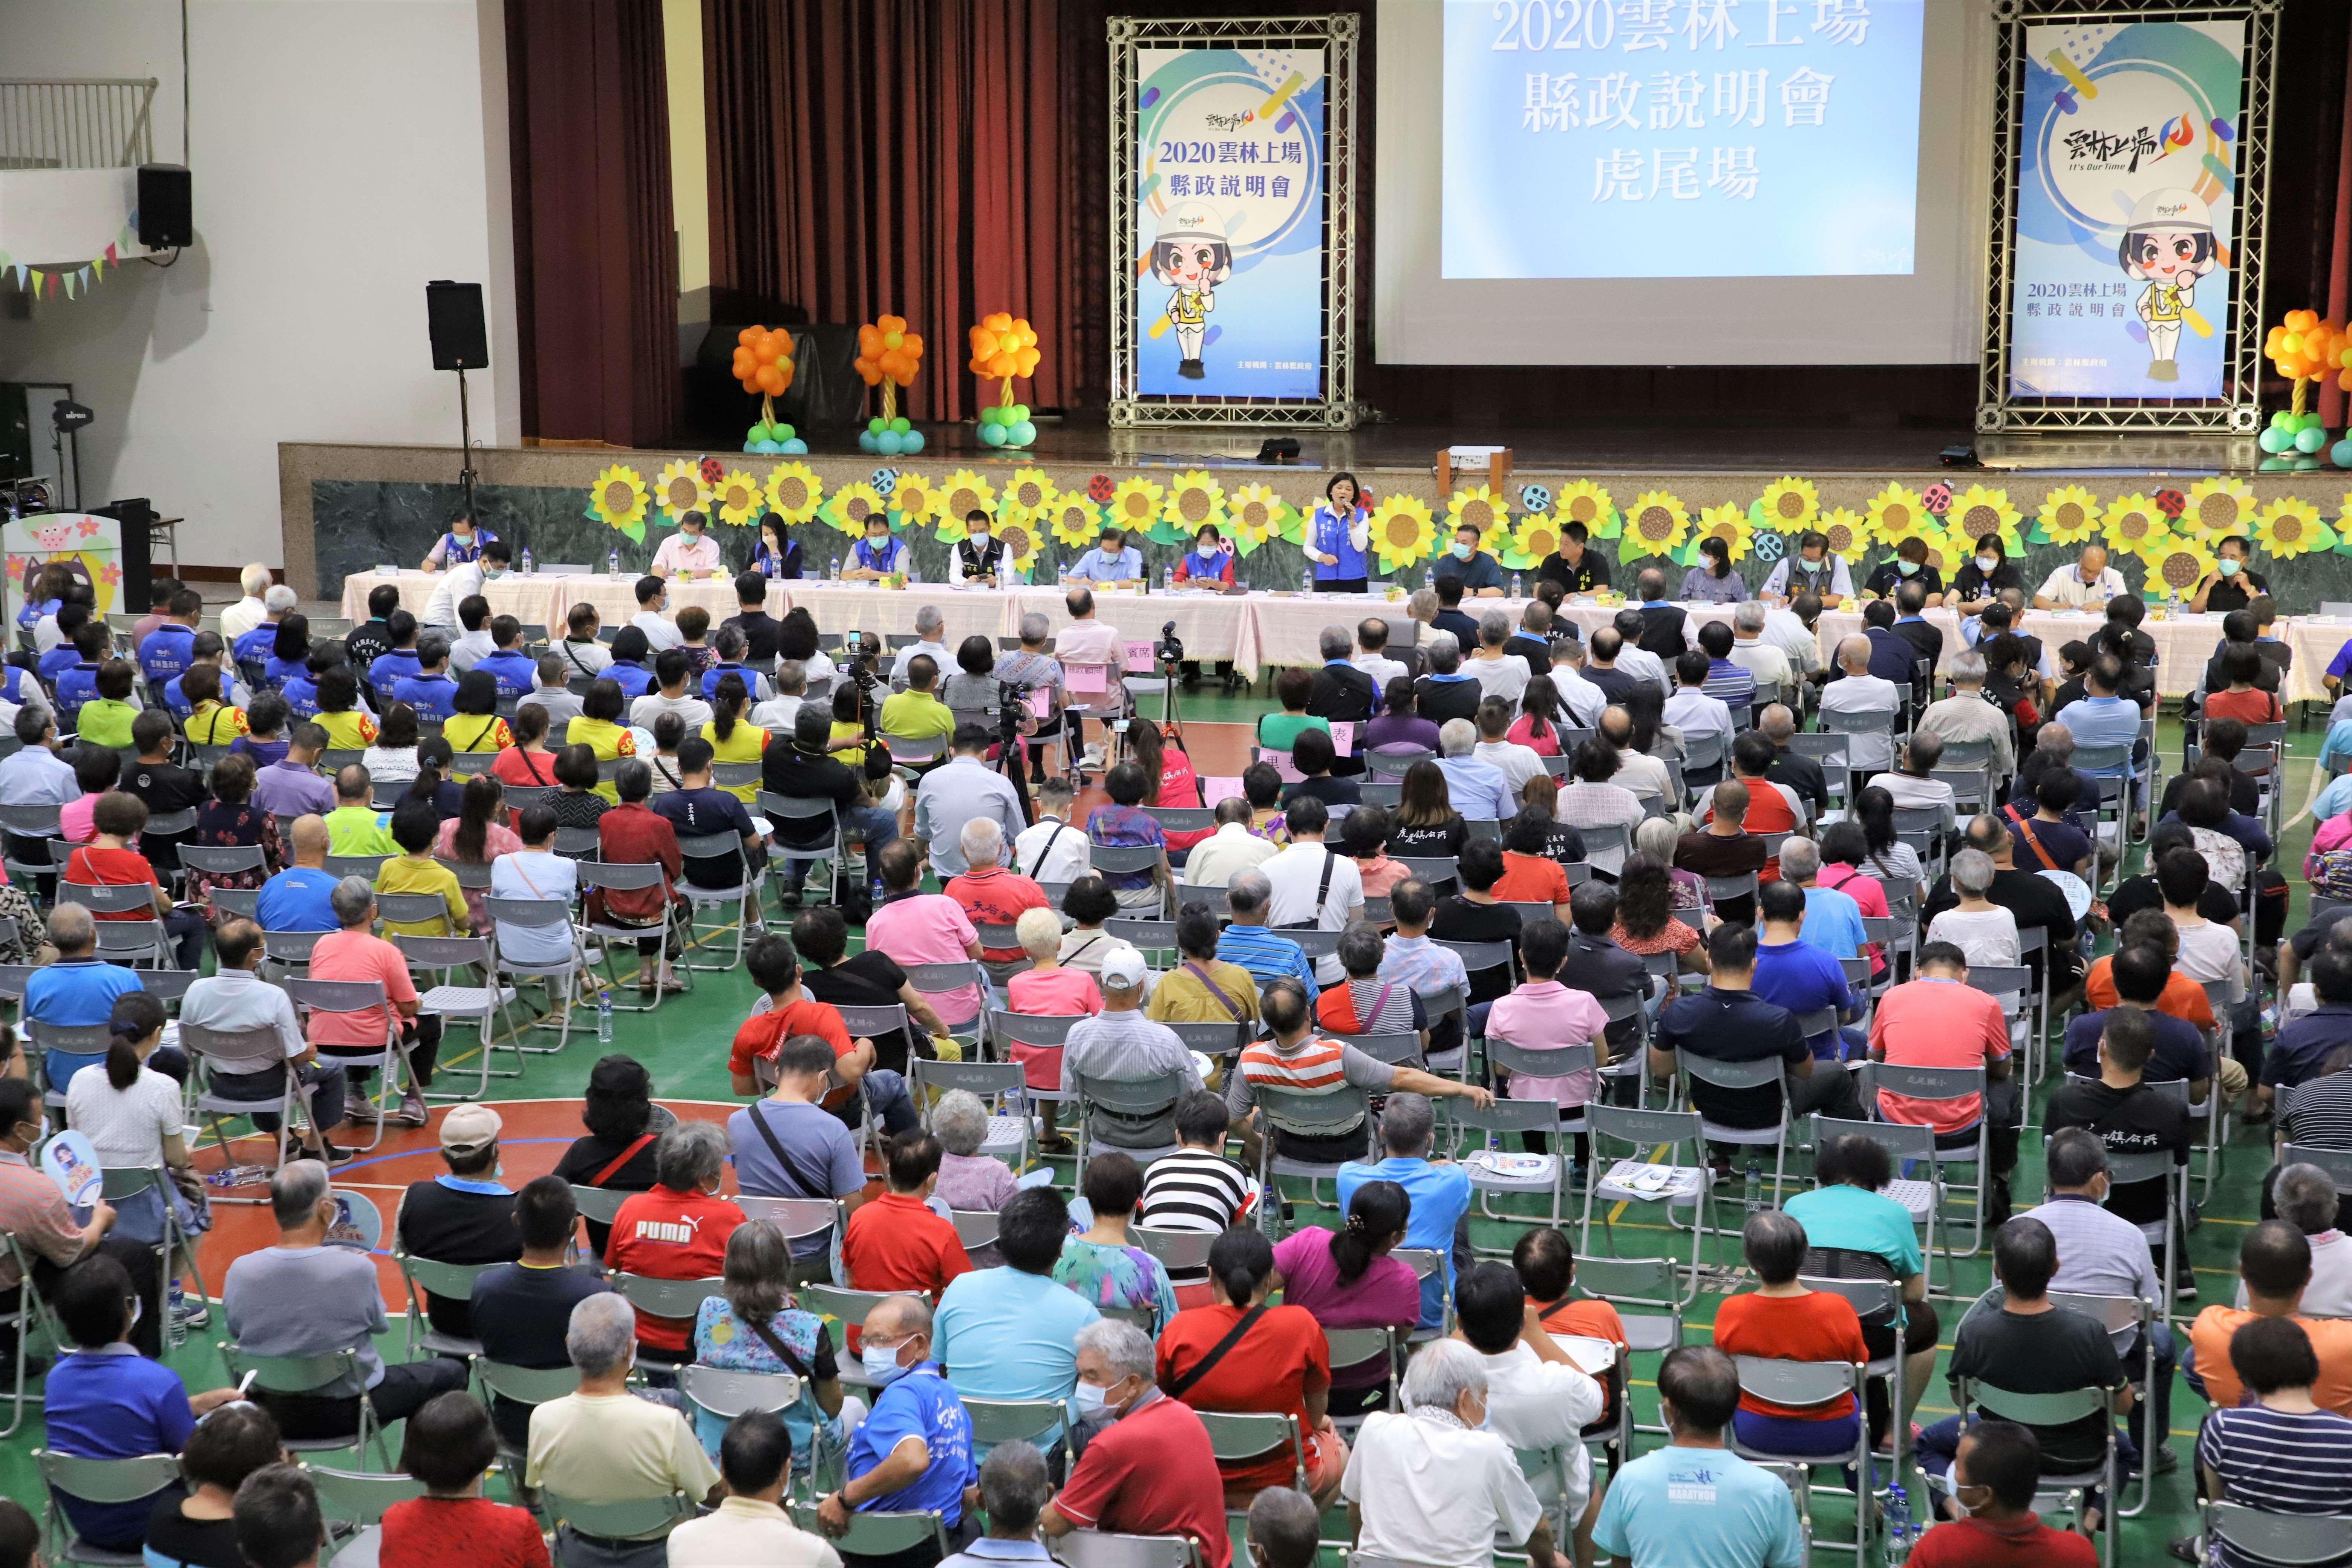 2020雲林上場縣政座談會29日晚間在虎尾登場。